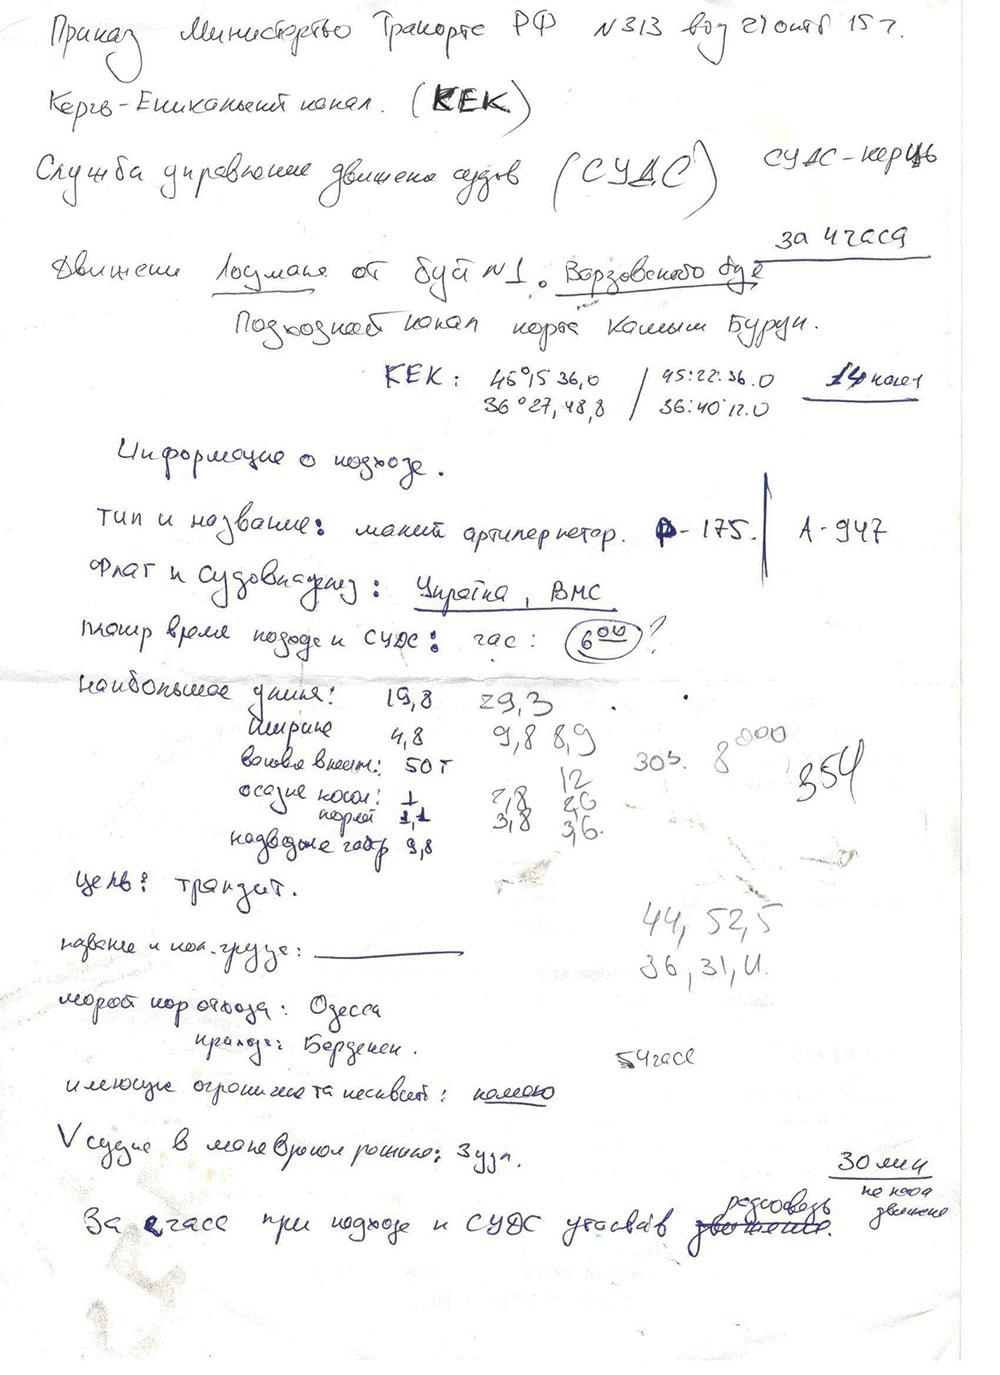 План прохождения кораблями ВМС Украины Керченского пролива